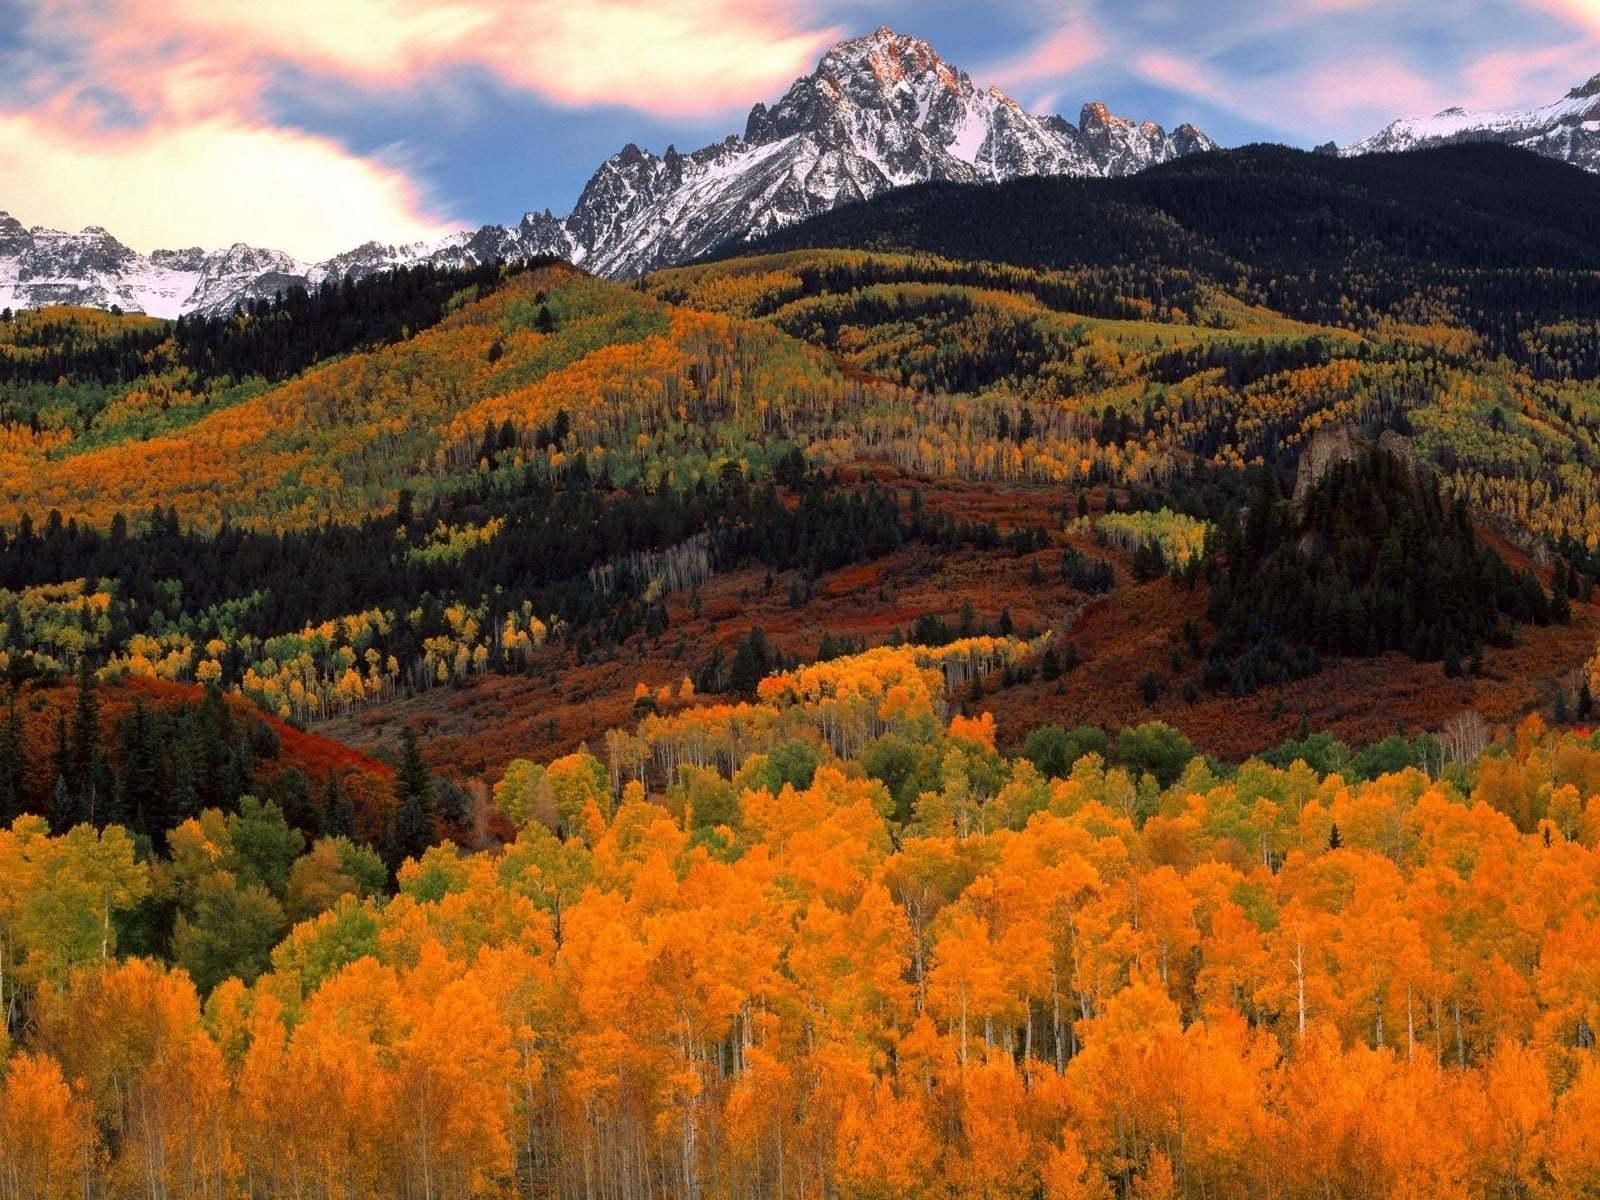 Sonbahardan Güzel Manzaralar - Sonbaharın Kızıllığı ve Dağlar